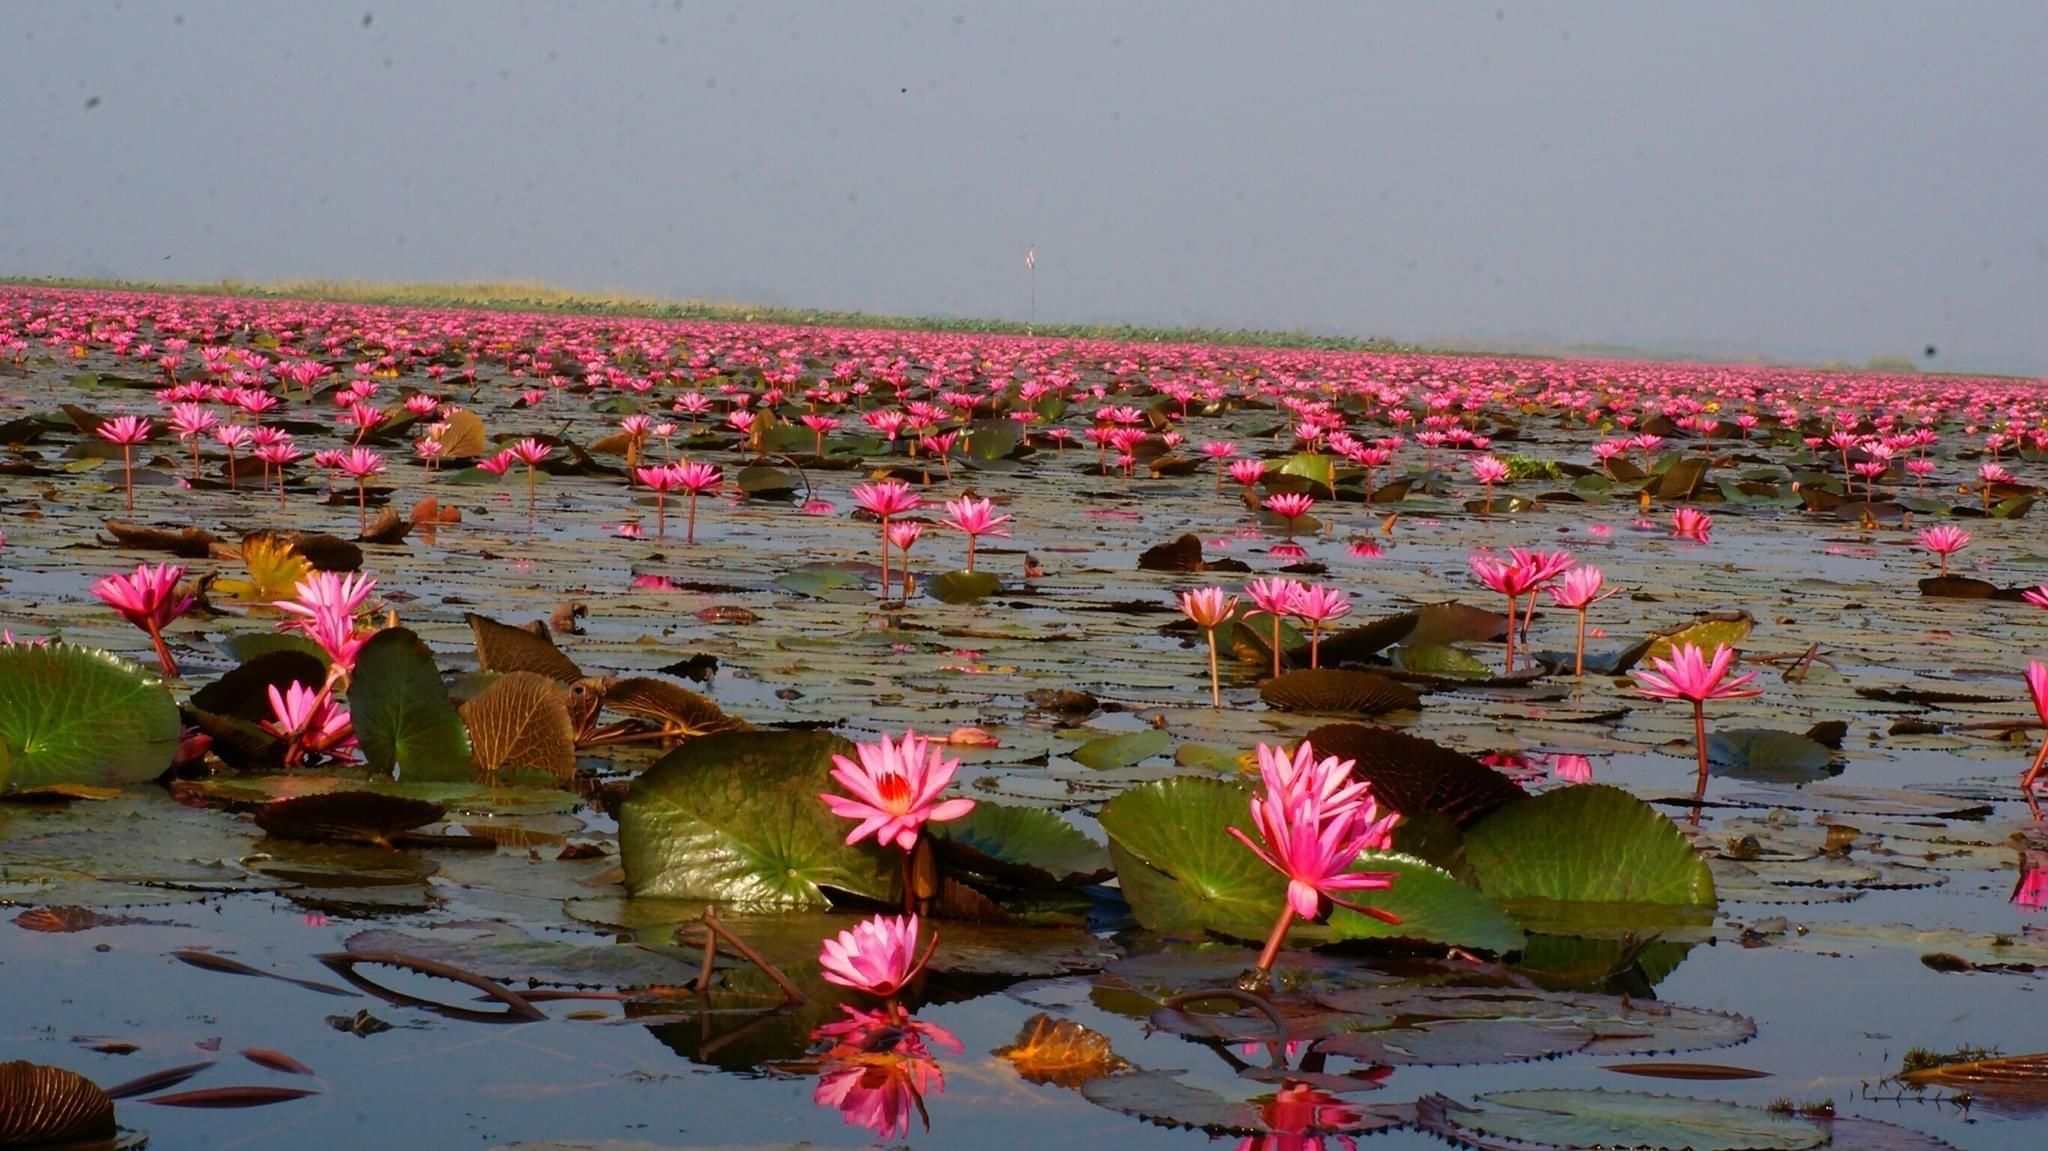 紅い睡蓮の海と呼ばれる湖「タレーブアデーン」到着